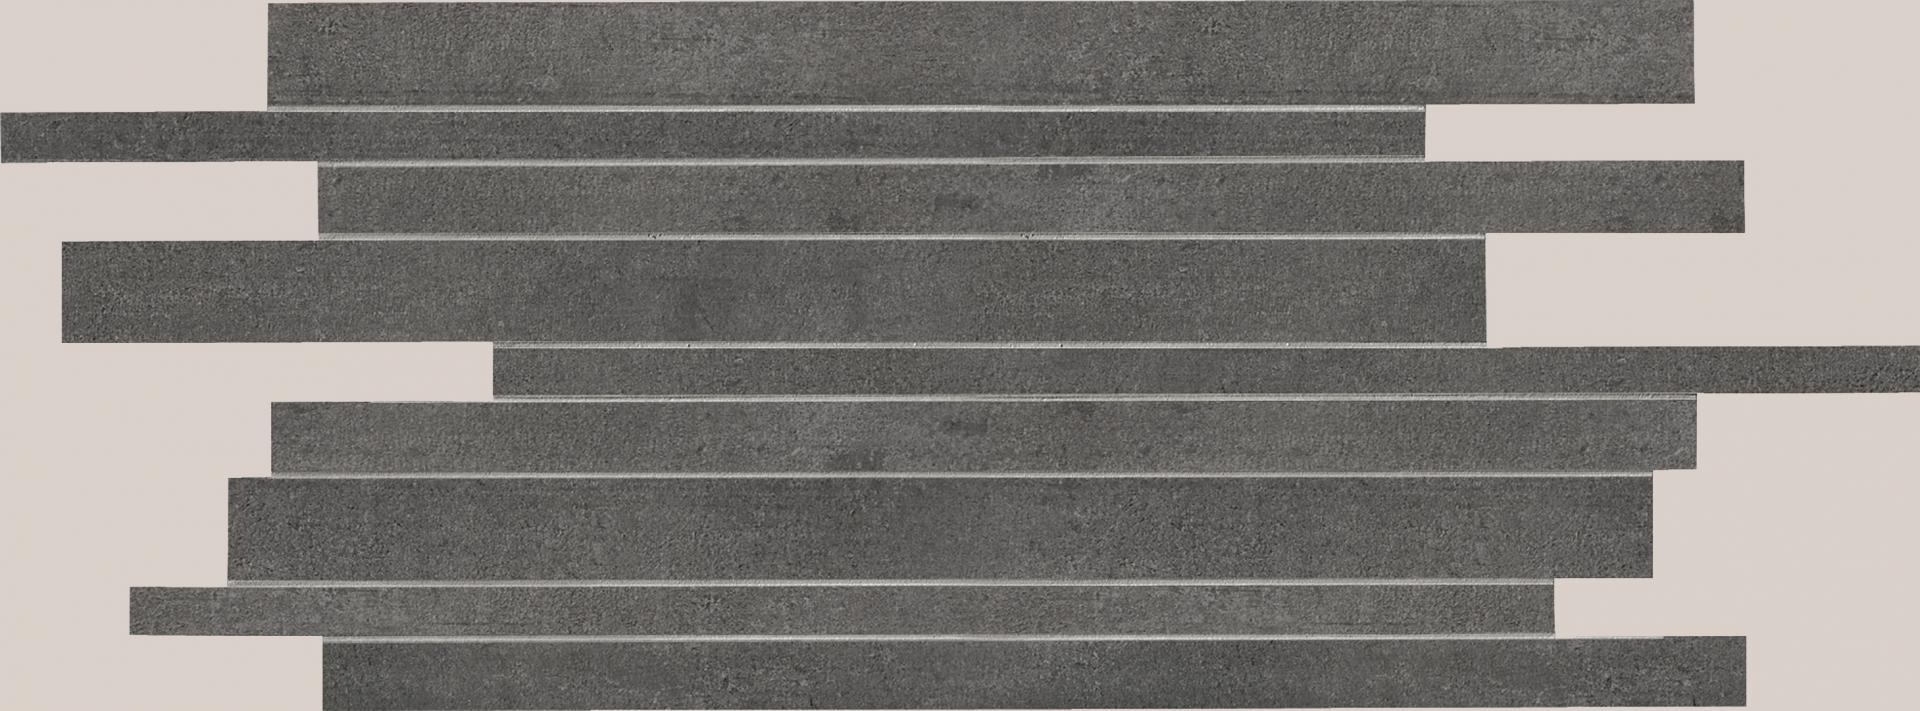 Keope LINK DARK SHADOW KE-t2t5 Strips 30X60 naturale R9